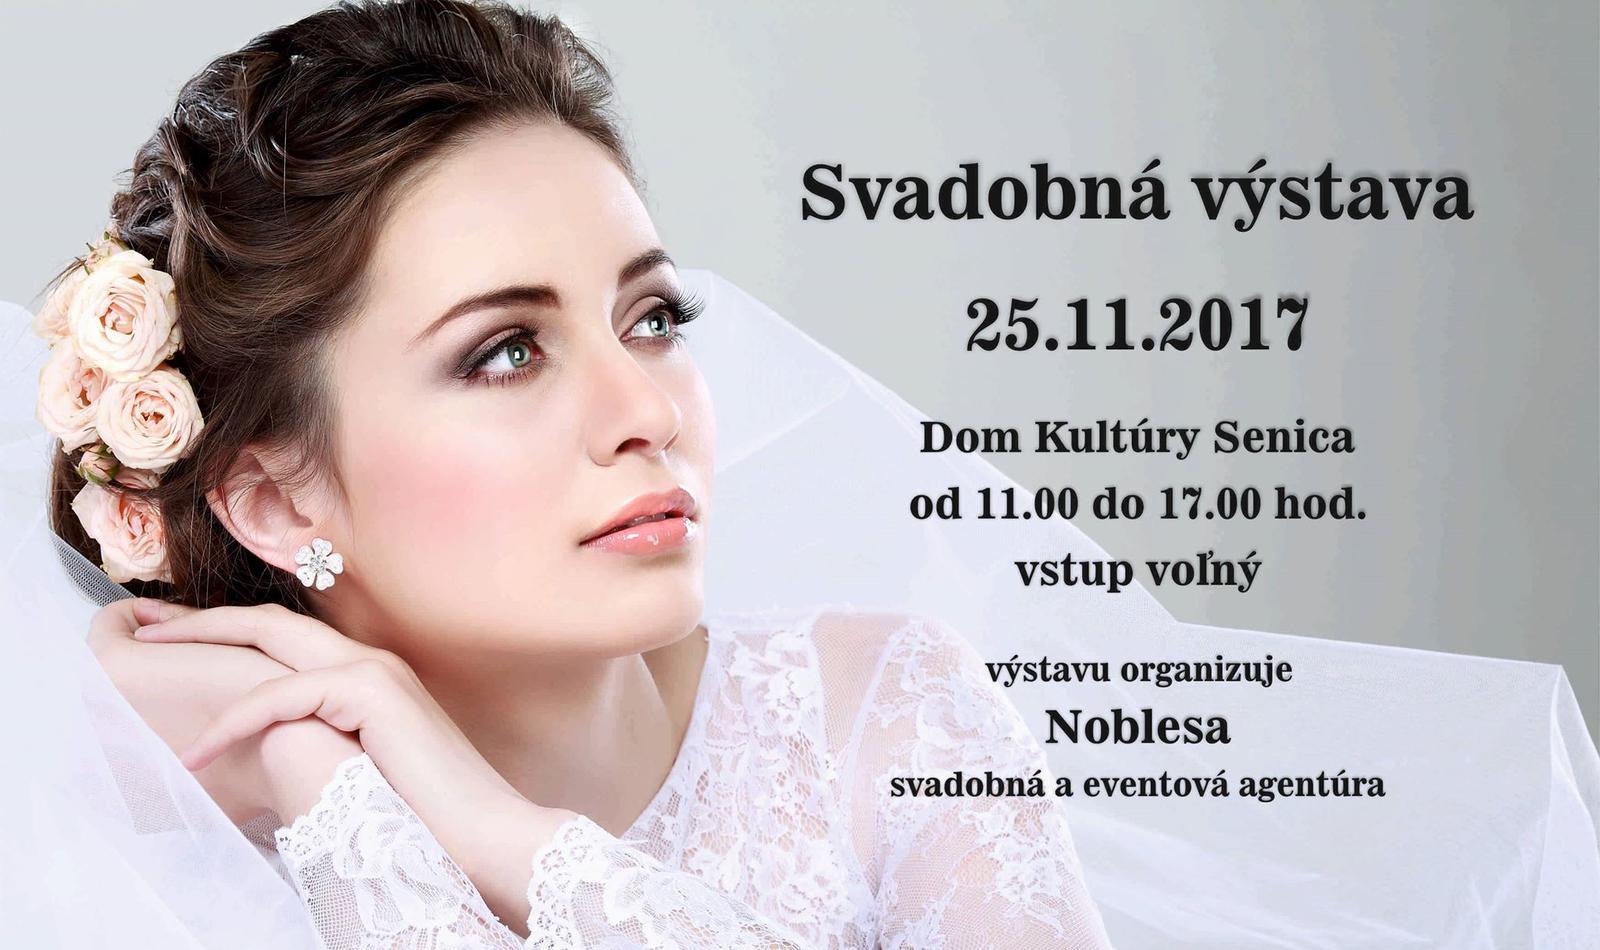 Prihlášky vystavovateľov na svadobnú výstavu prijímame do 30.10.2017. Prihlasovať sa môžte na info@noblesa.sk - Obrázok č. 1